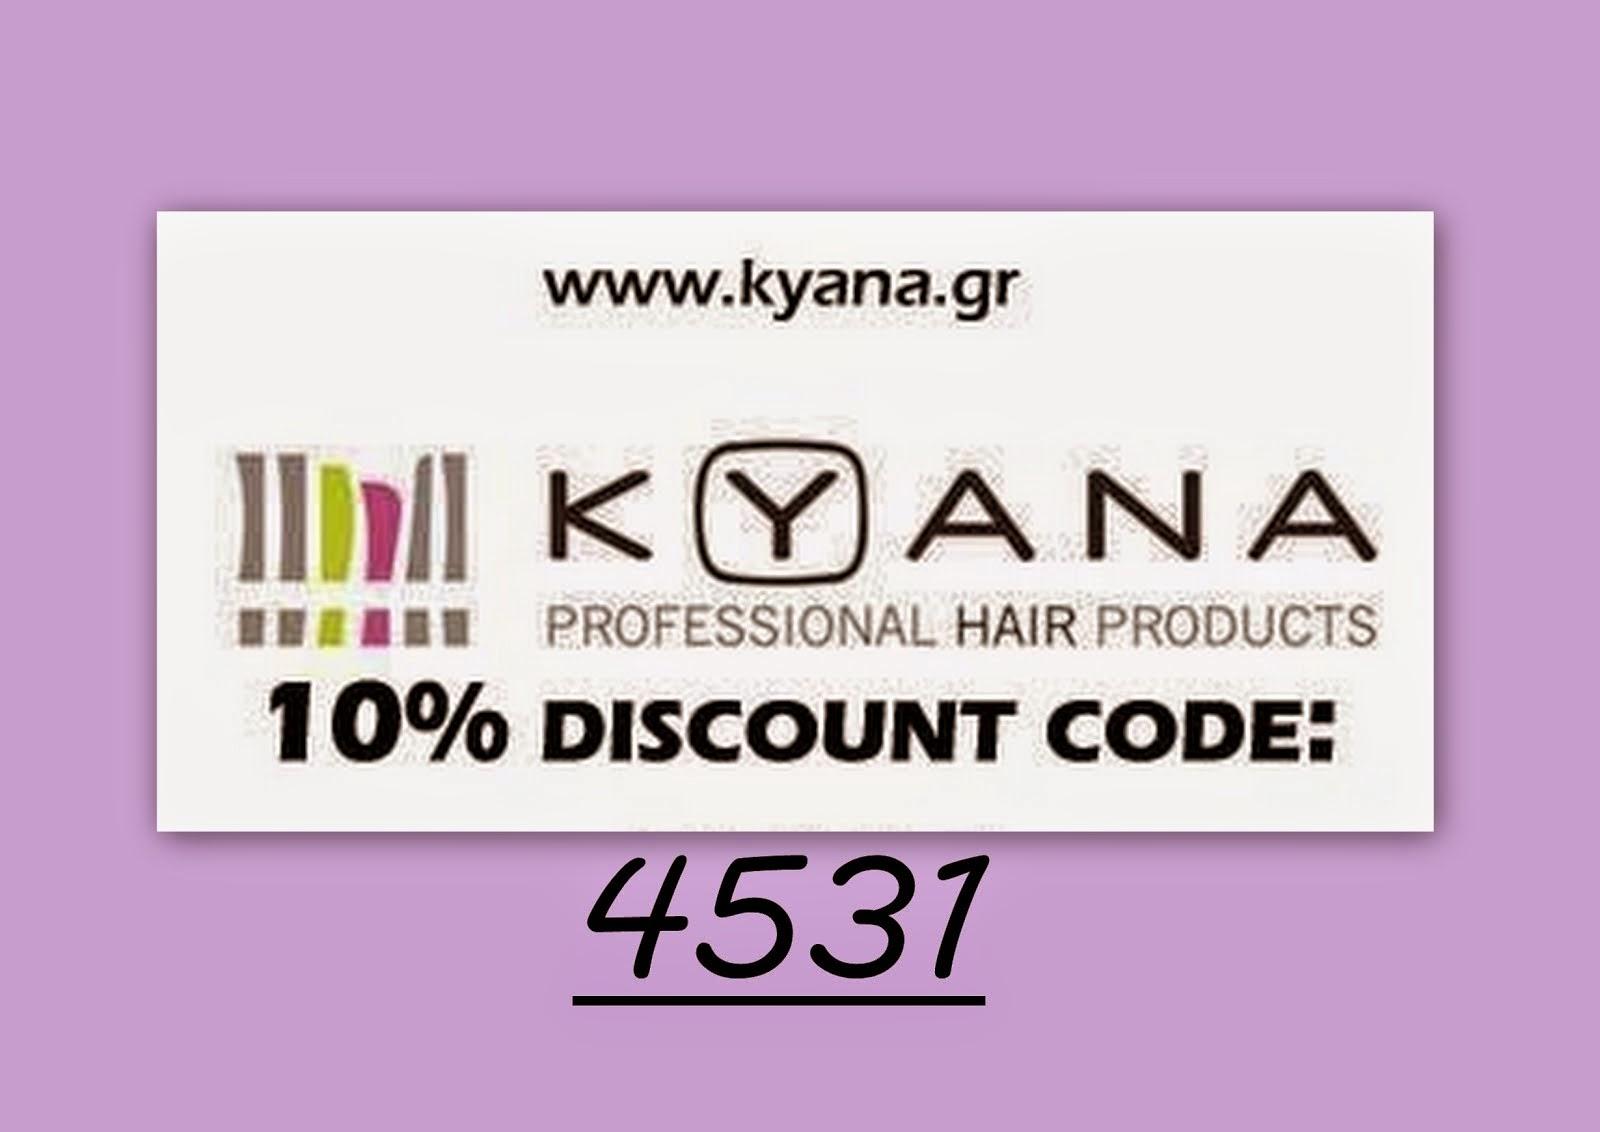 Κωδικός έκπτωσης για προϊόντα Kyana *μόνο για ΕΣΑΣ*